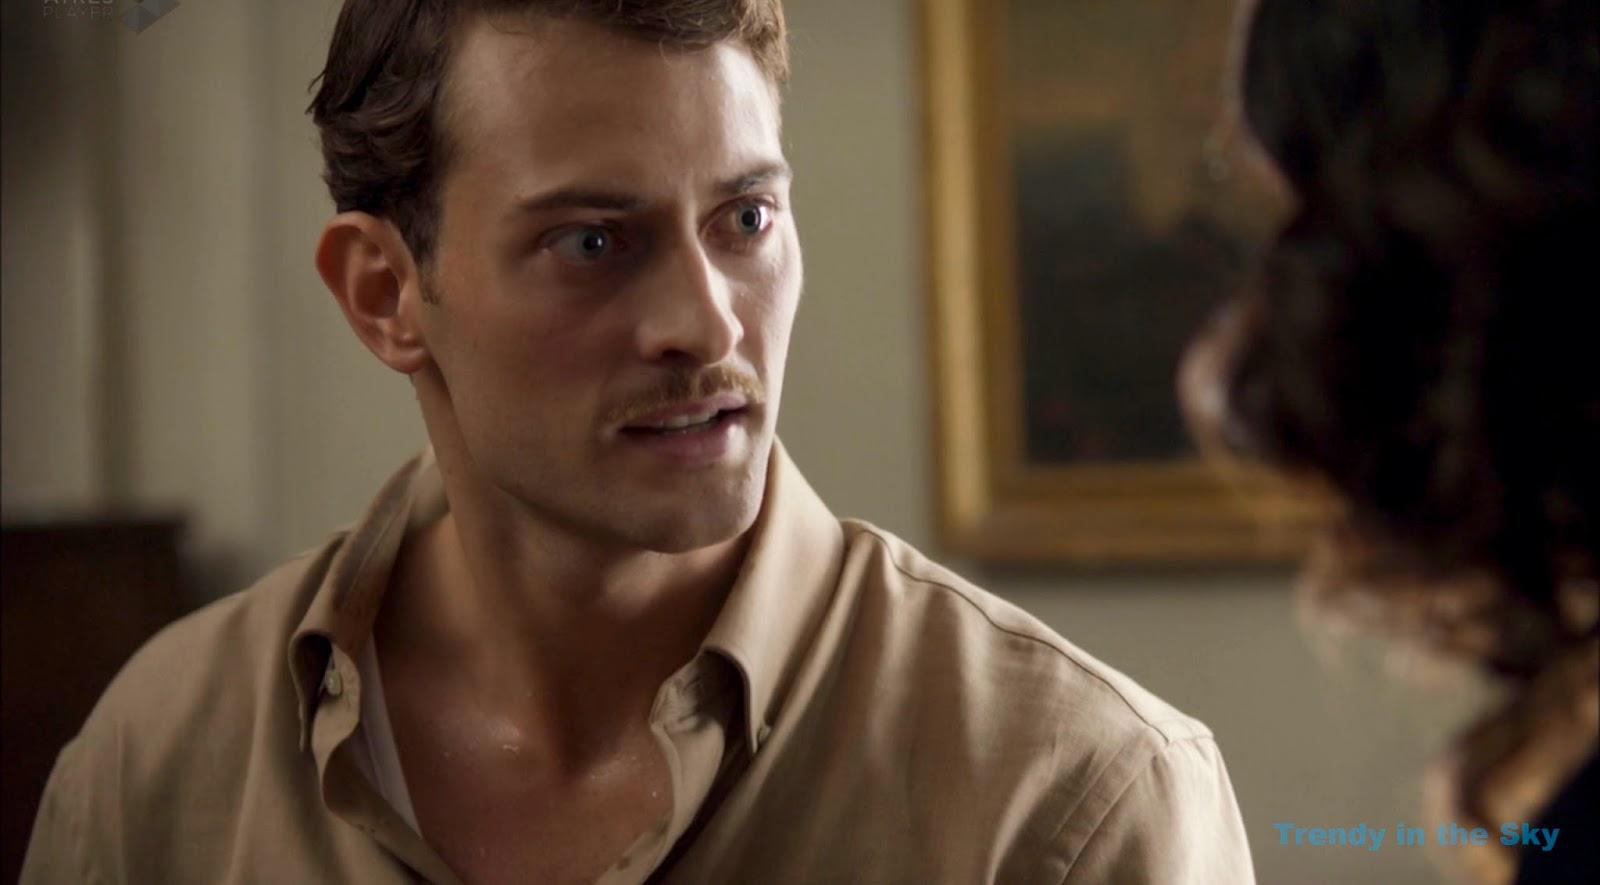 Marcus Logan camisa marrón. El tiempo entre costuras. Capítulo 10